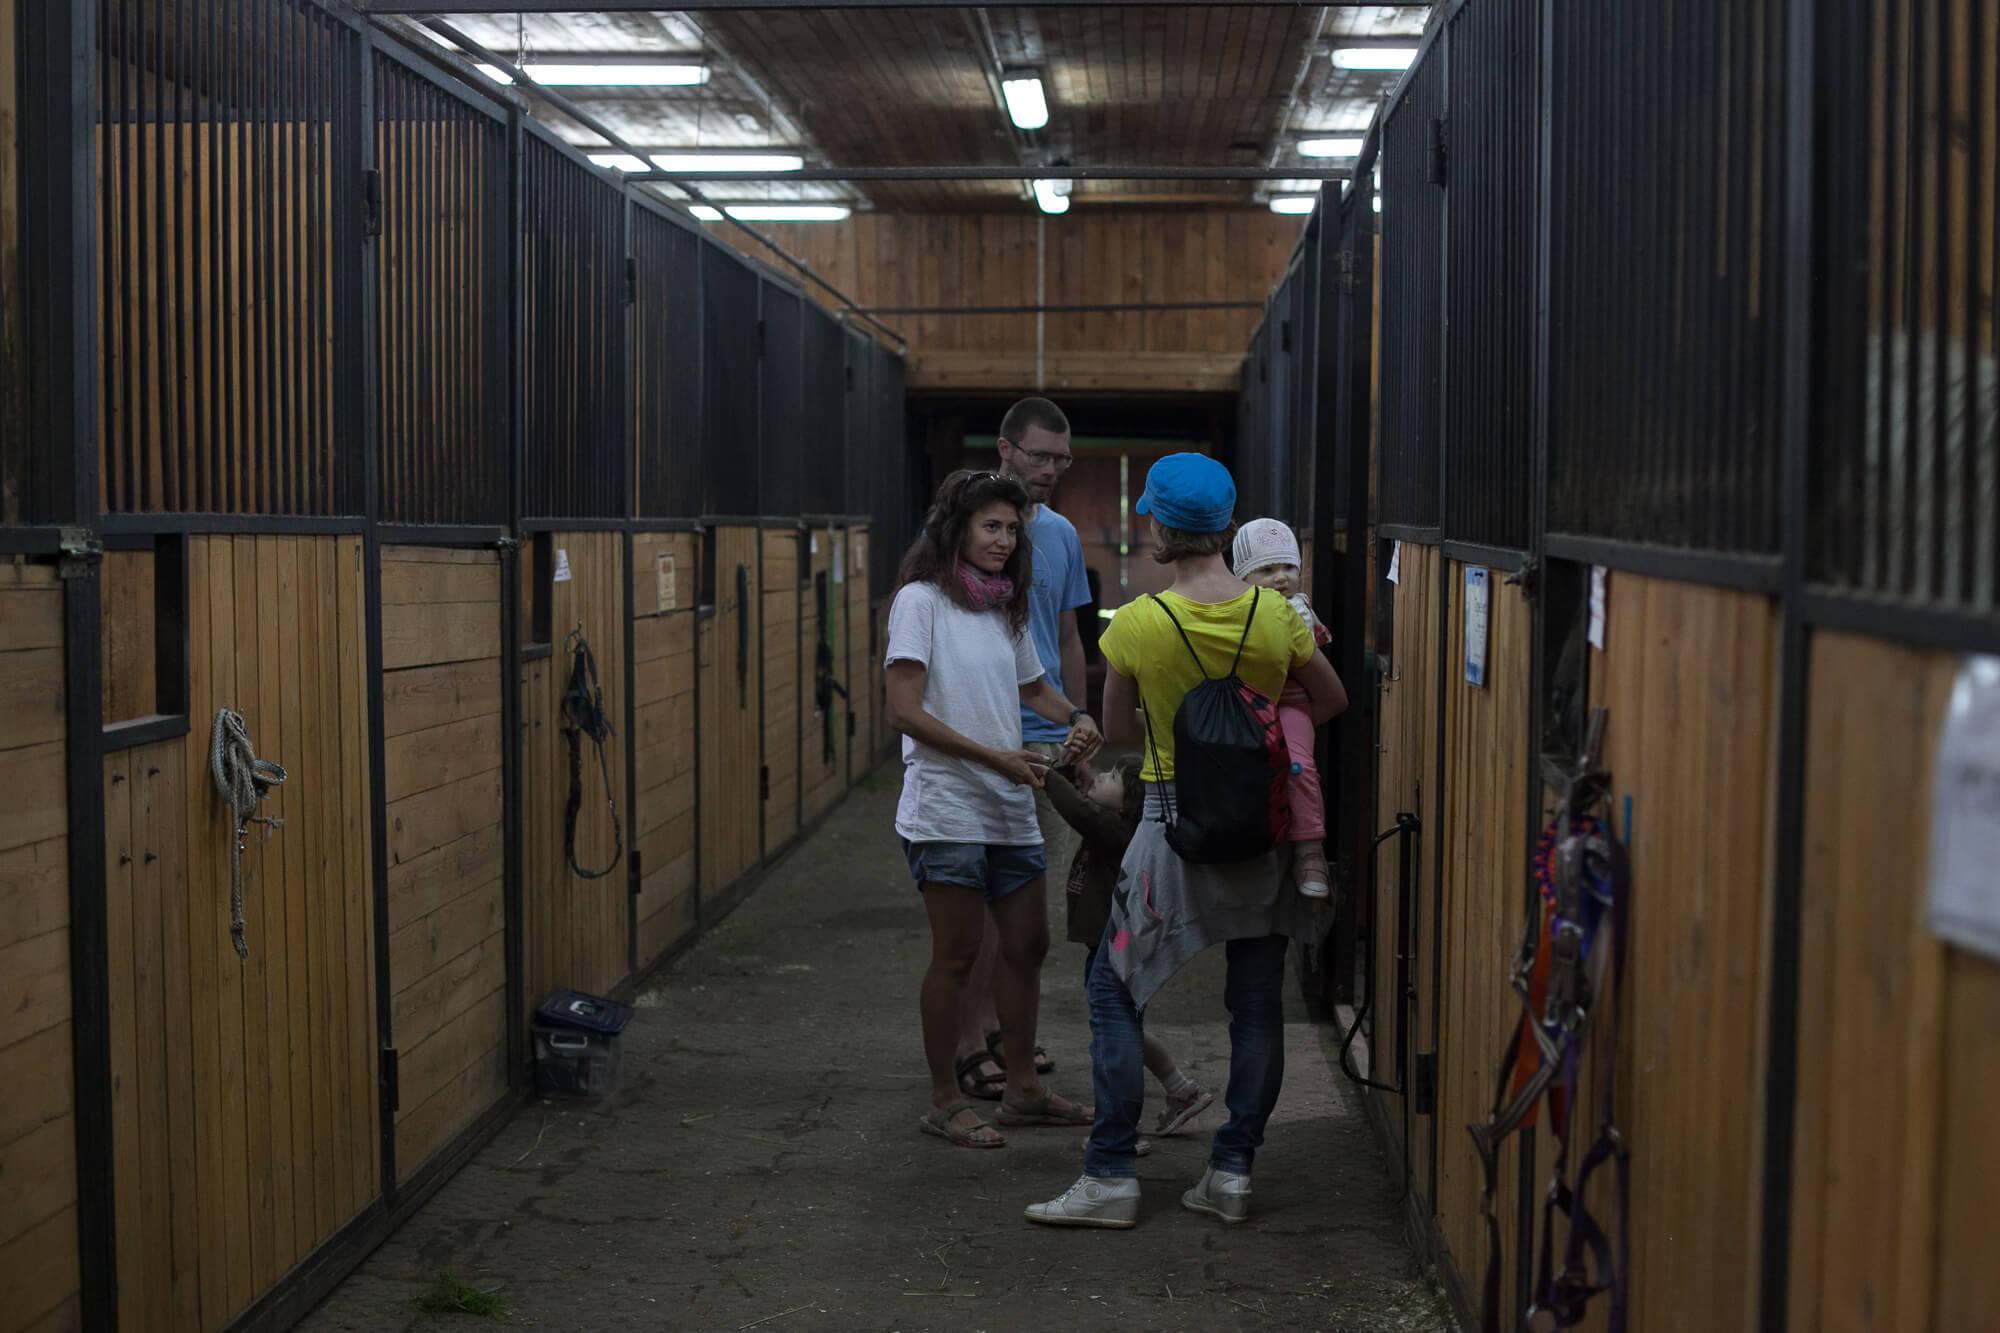 Парк Отель Морозовка - денник для лошадей